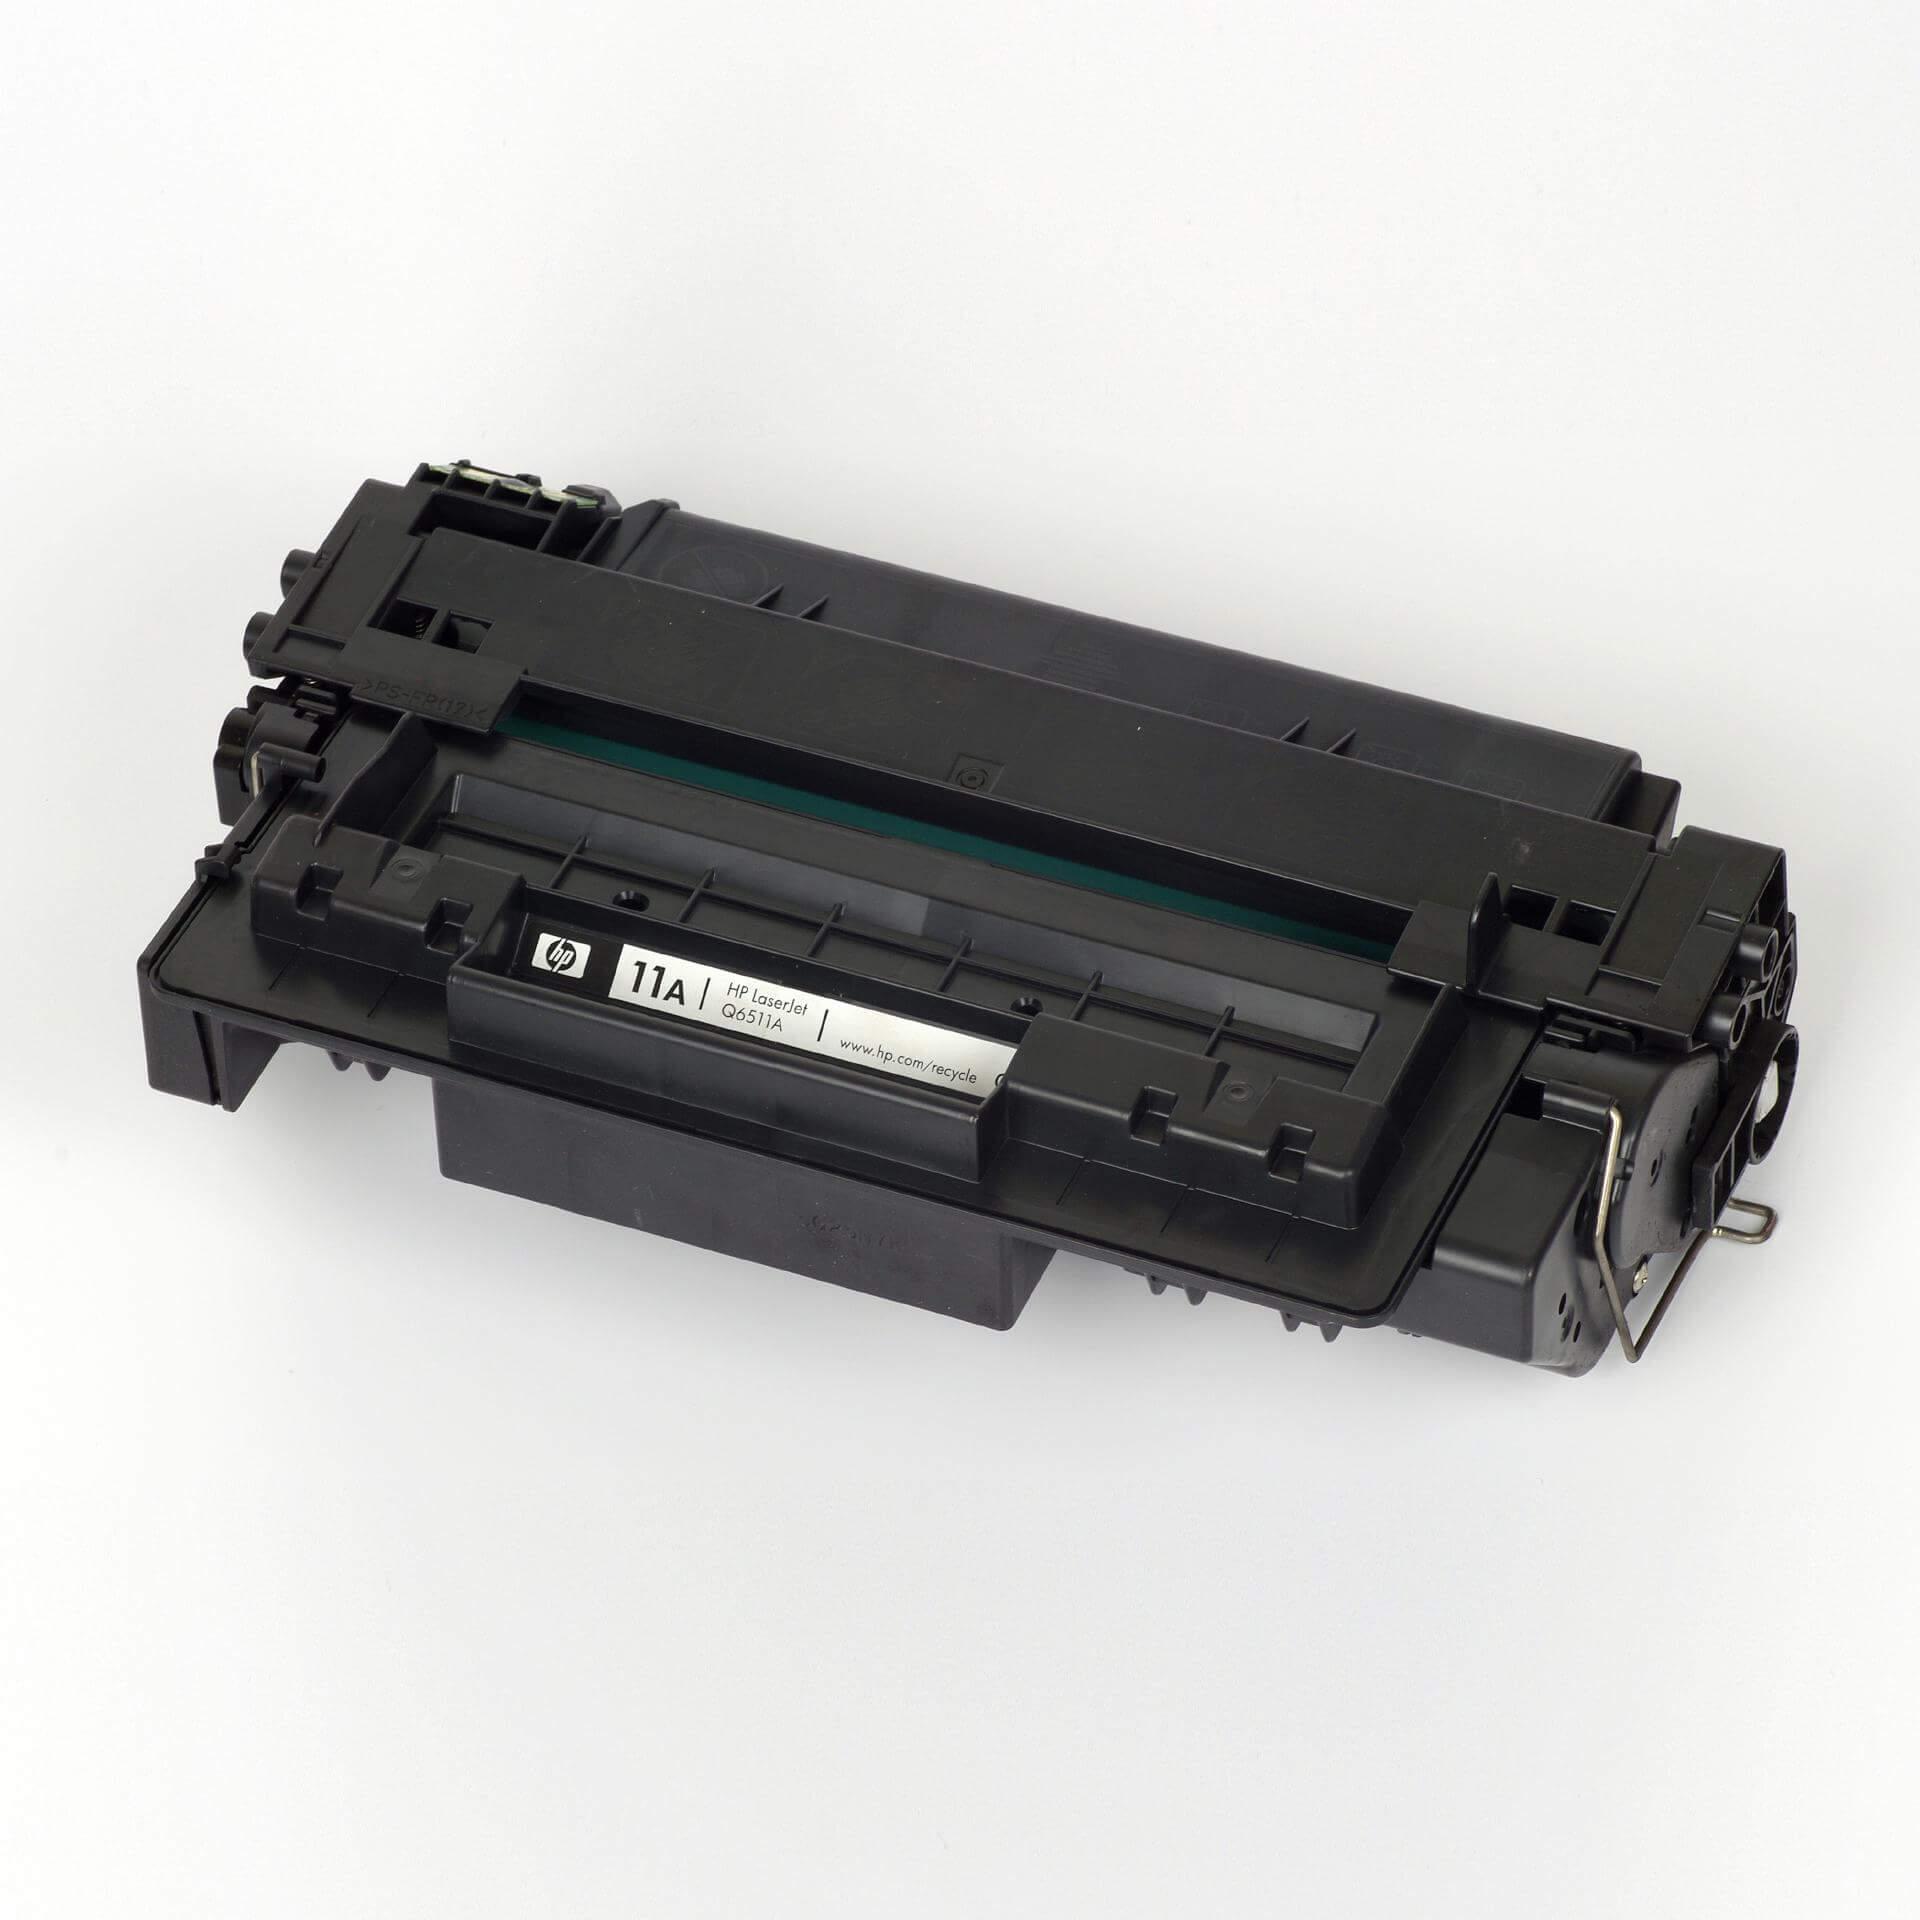 Auf dem Bild sehen Sie eine HP 11A (Q6511A) Schwarz Original Tonerkartusche